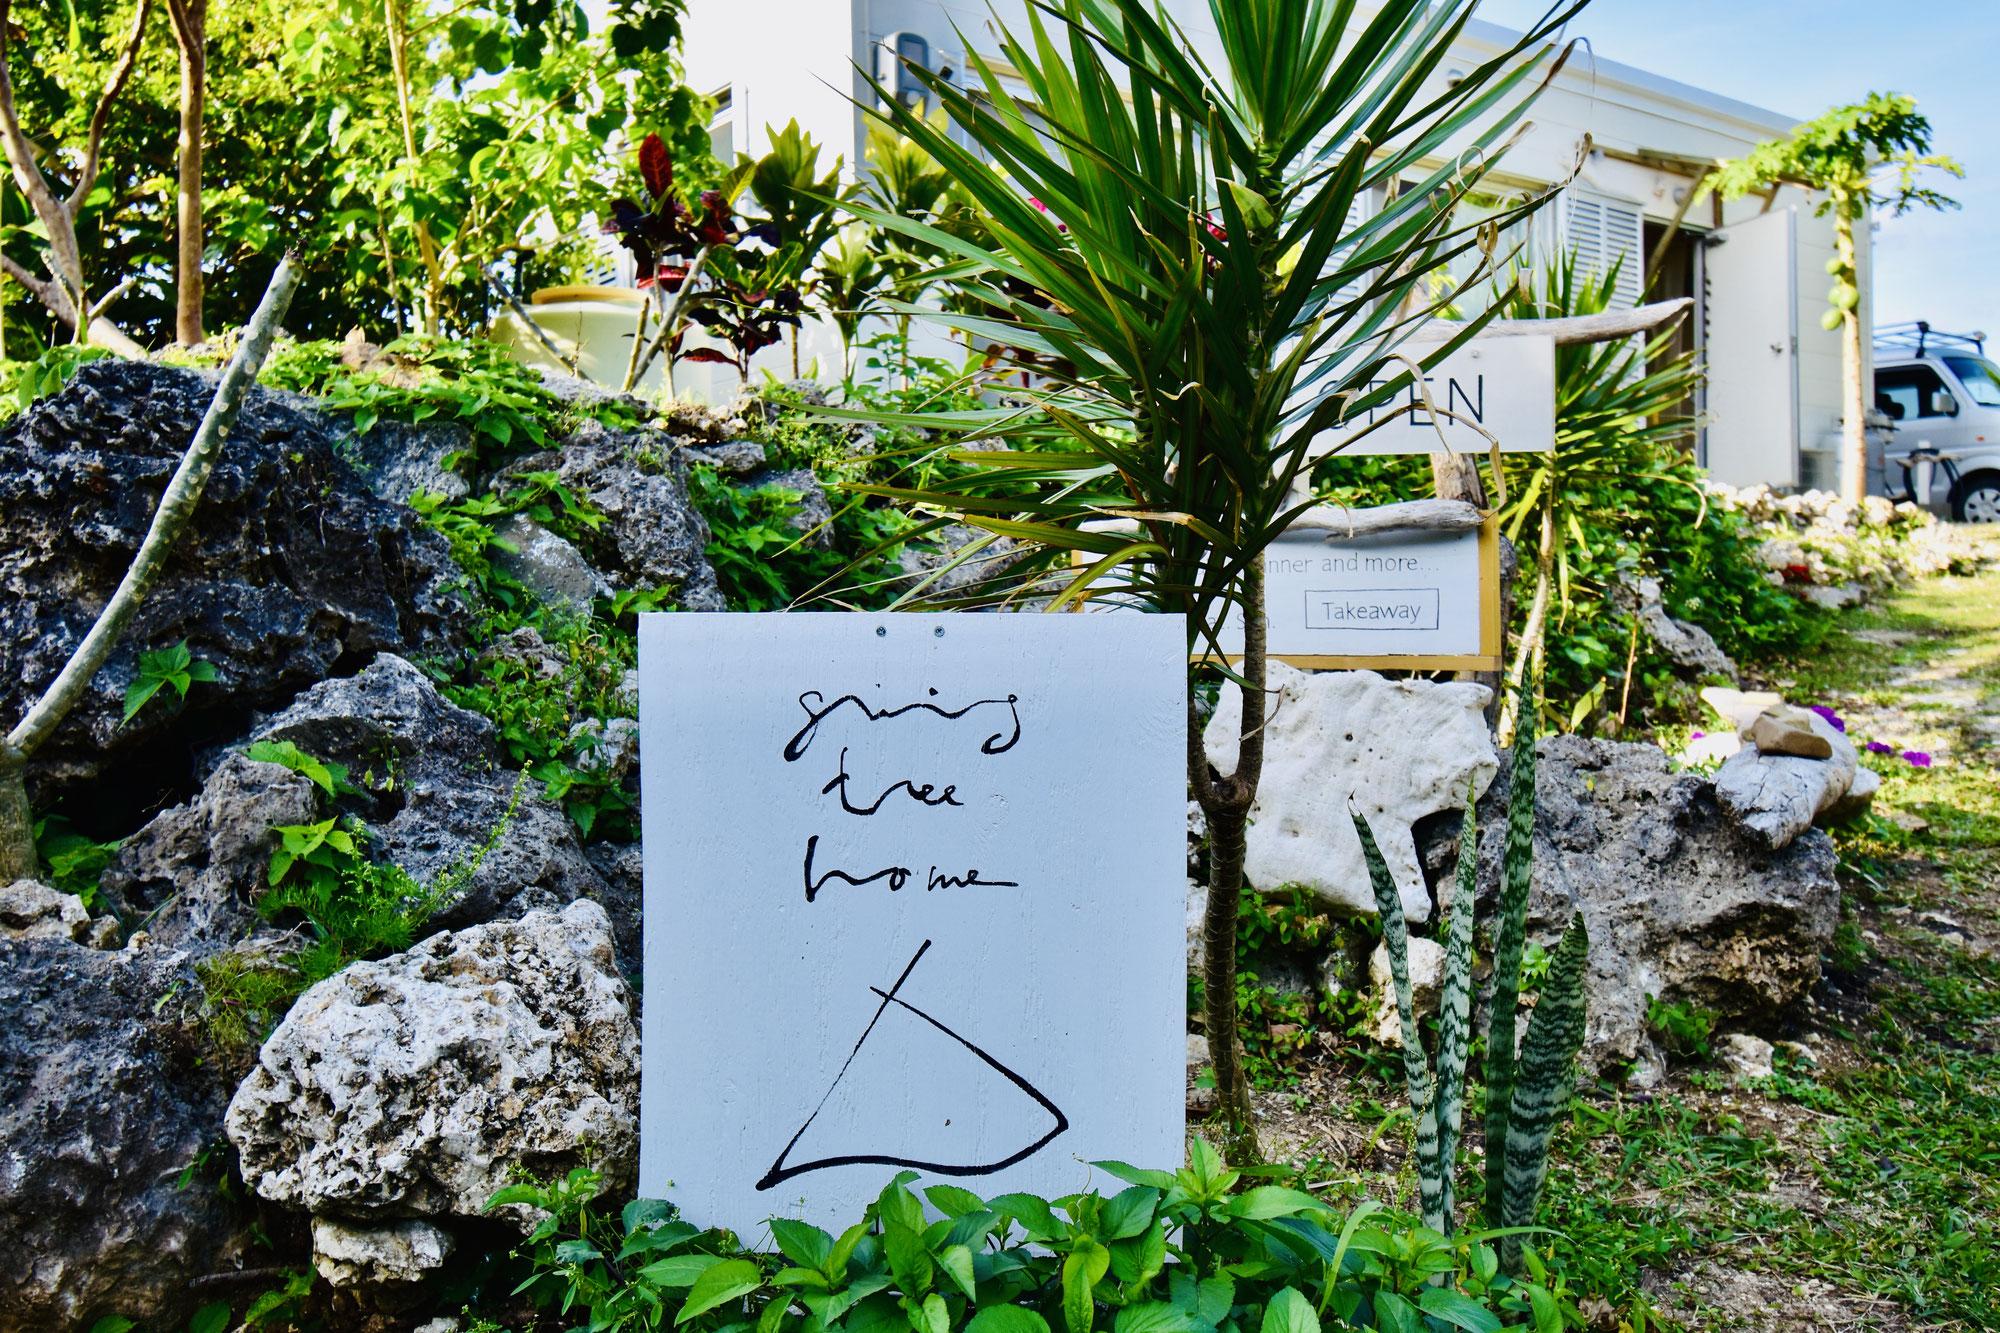 石垣市野底の癒されるカフェ「Giving tree home」